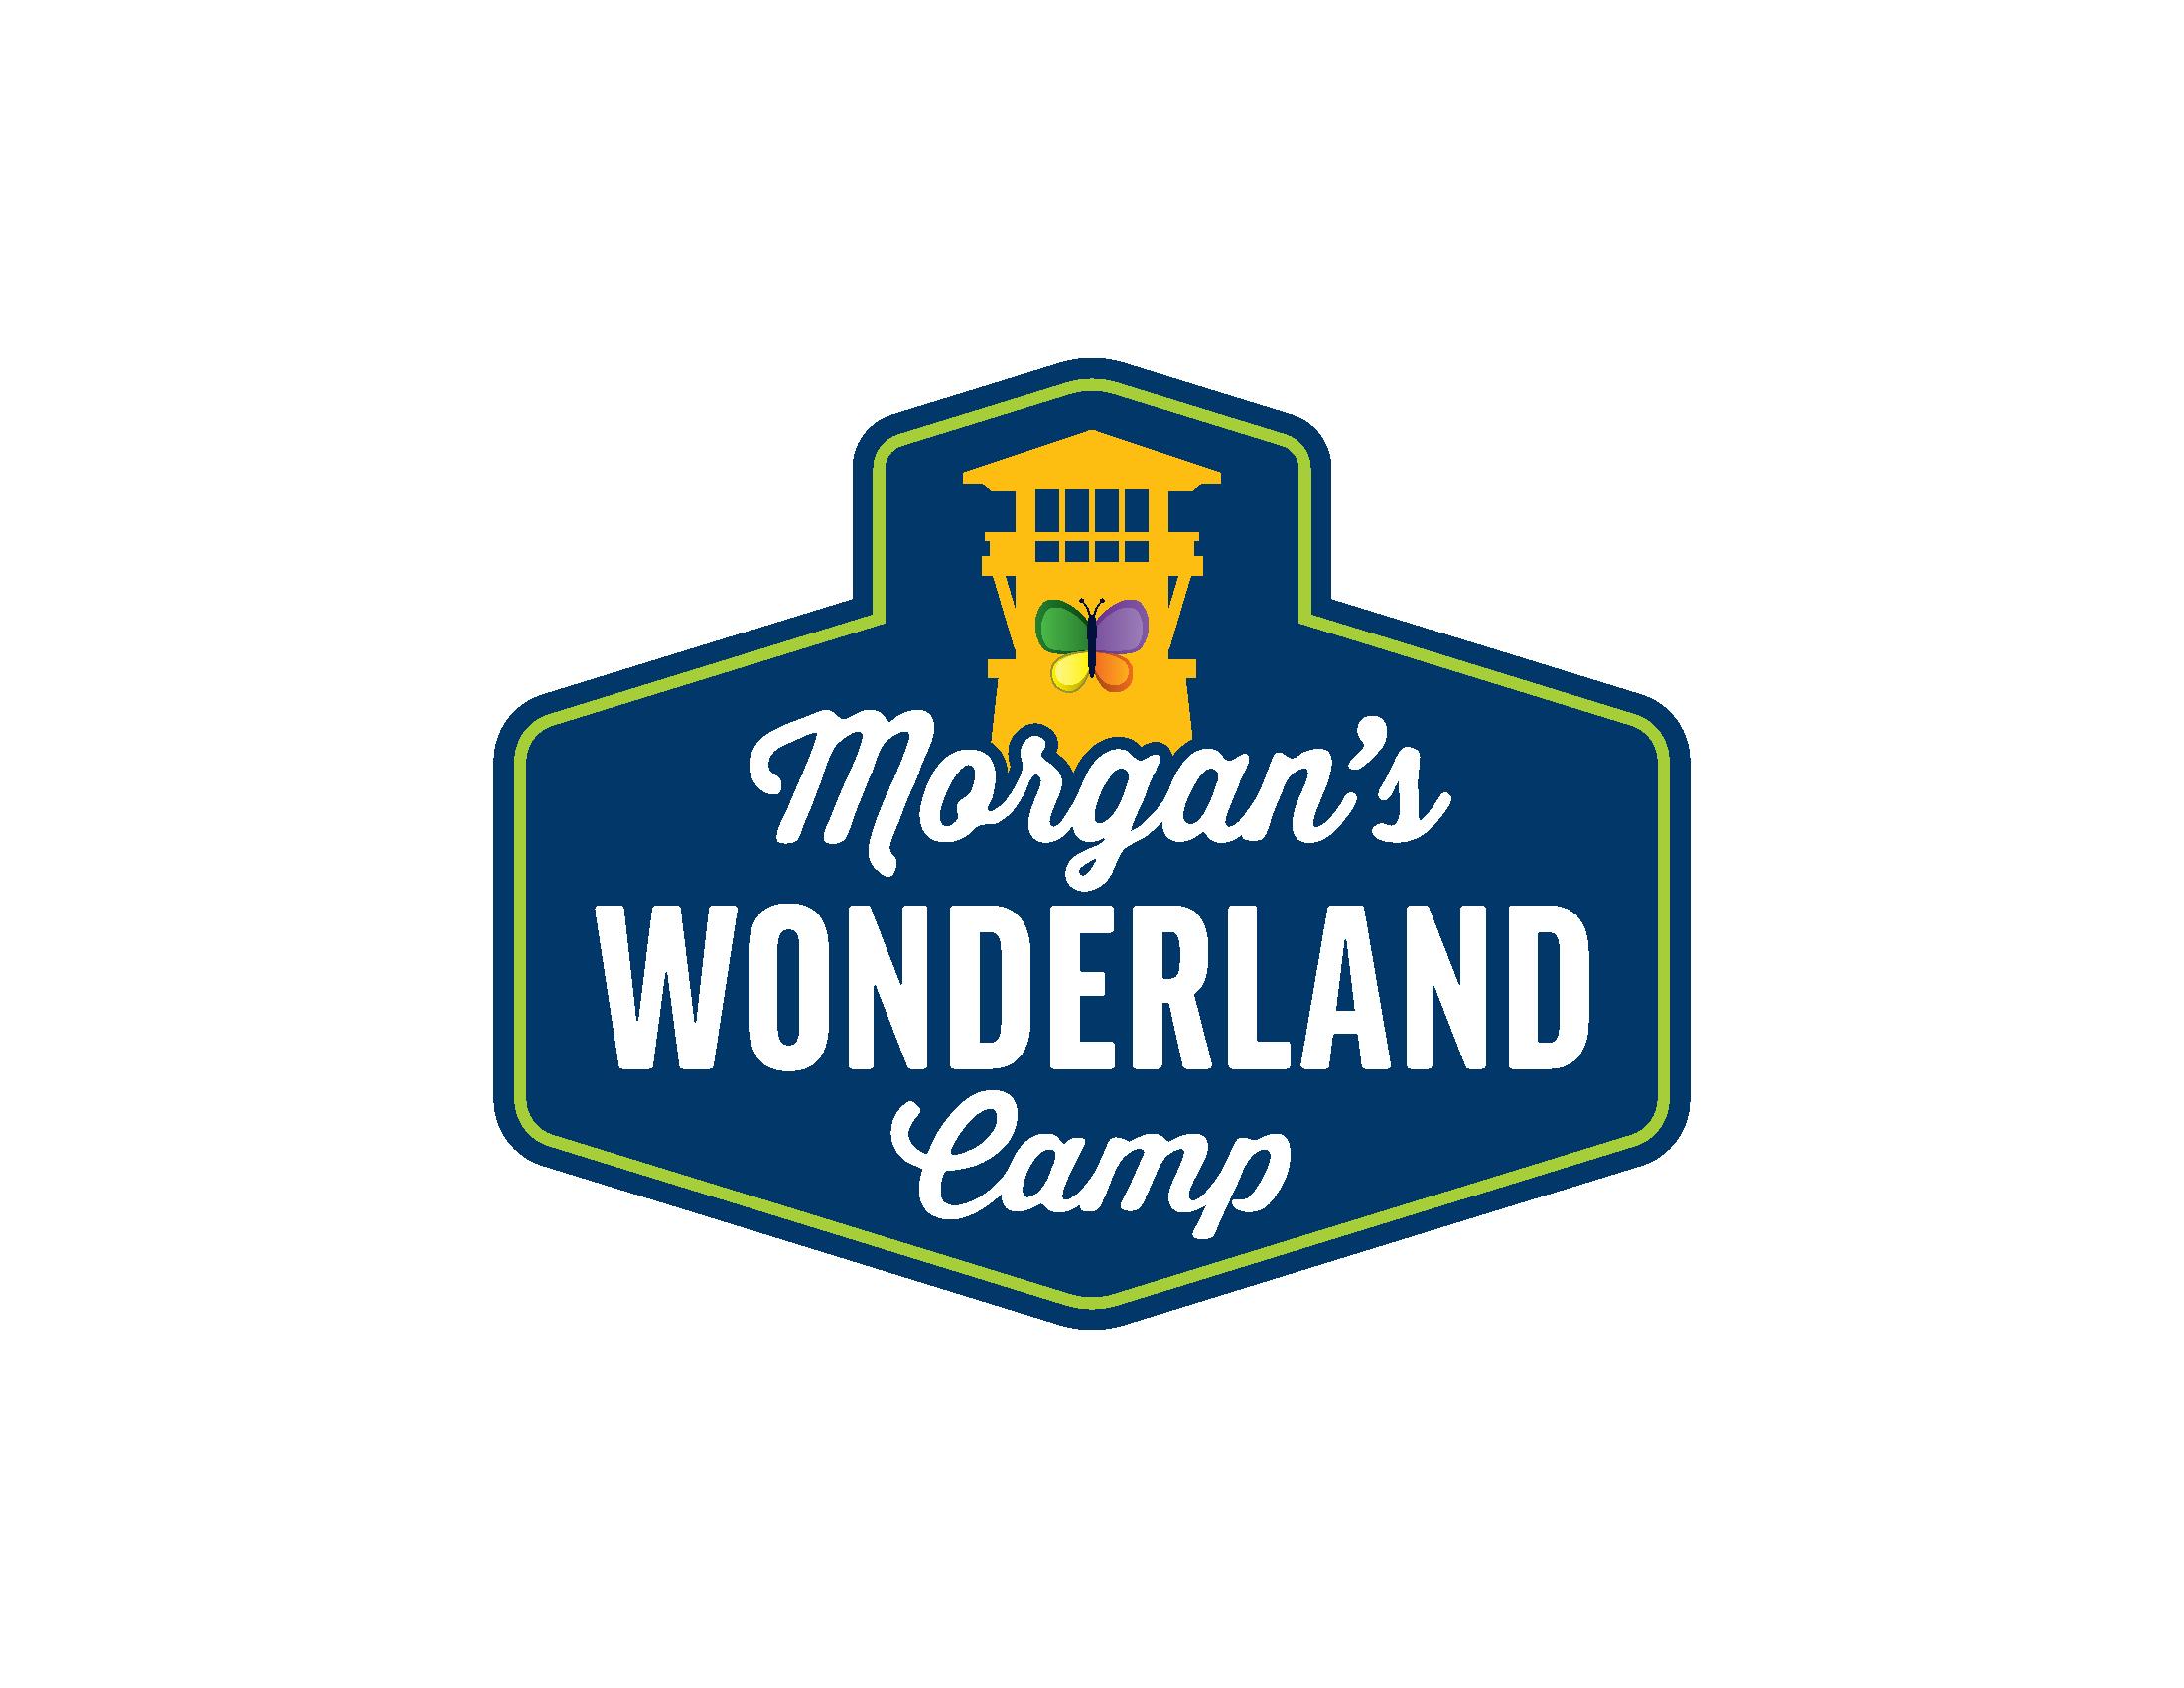 Morgan_Wonderland_Camp.png